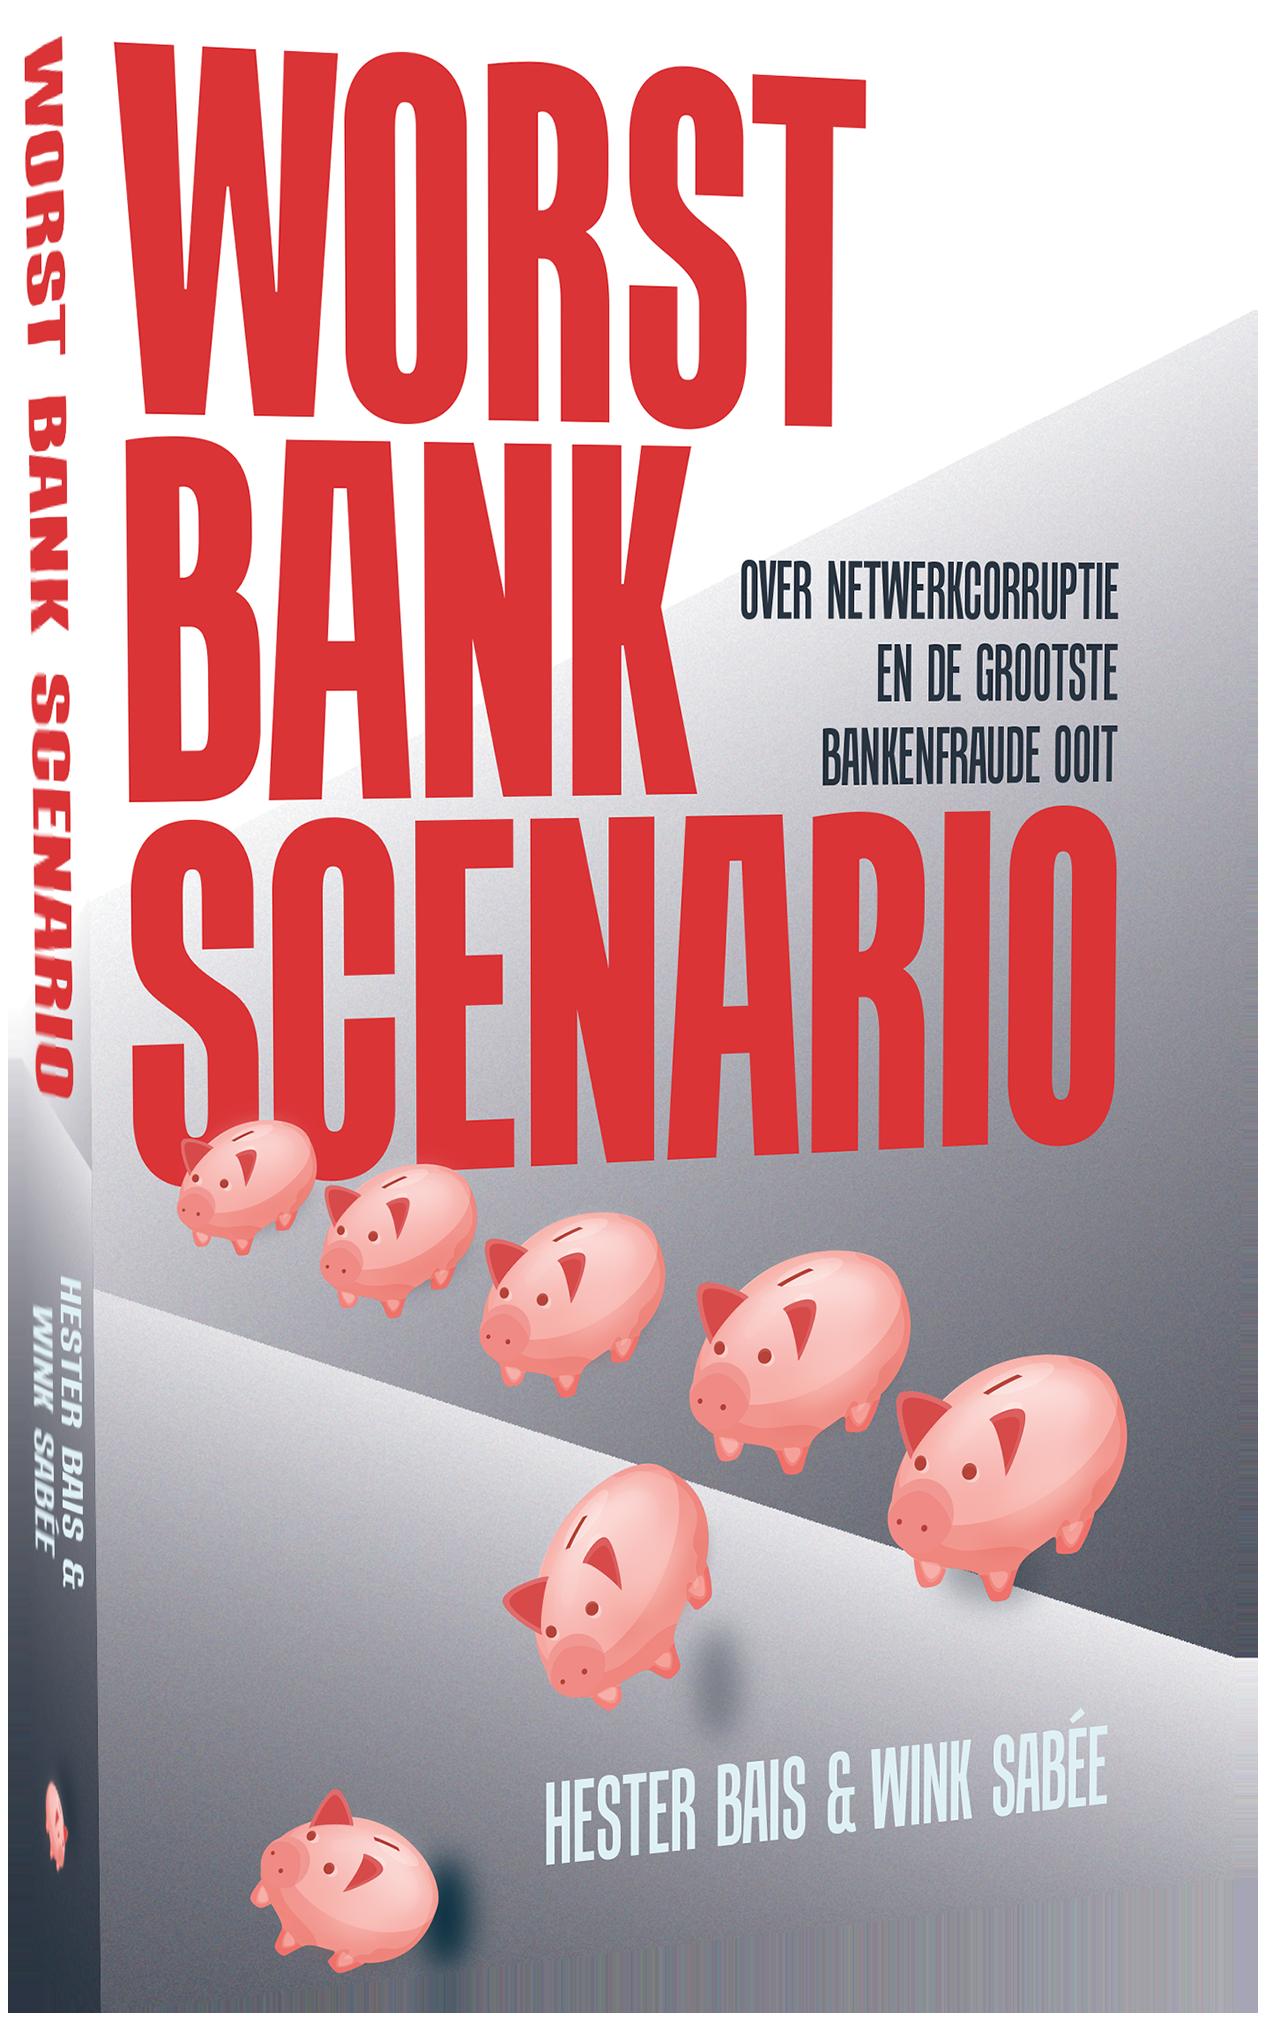 Boek: Worst Bank Scenario